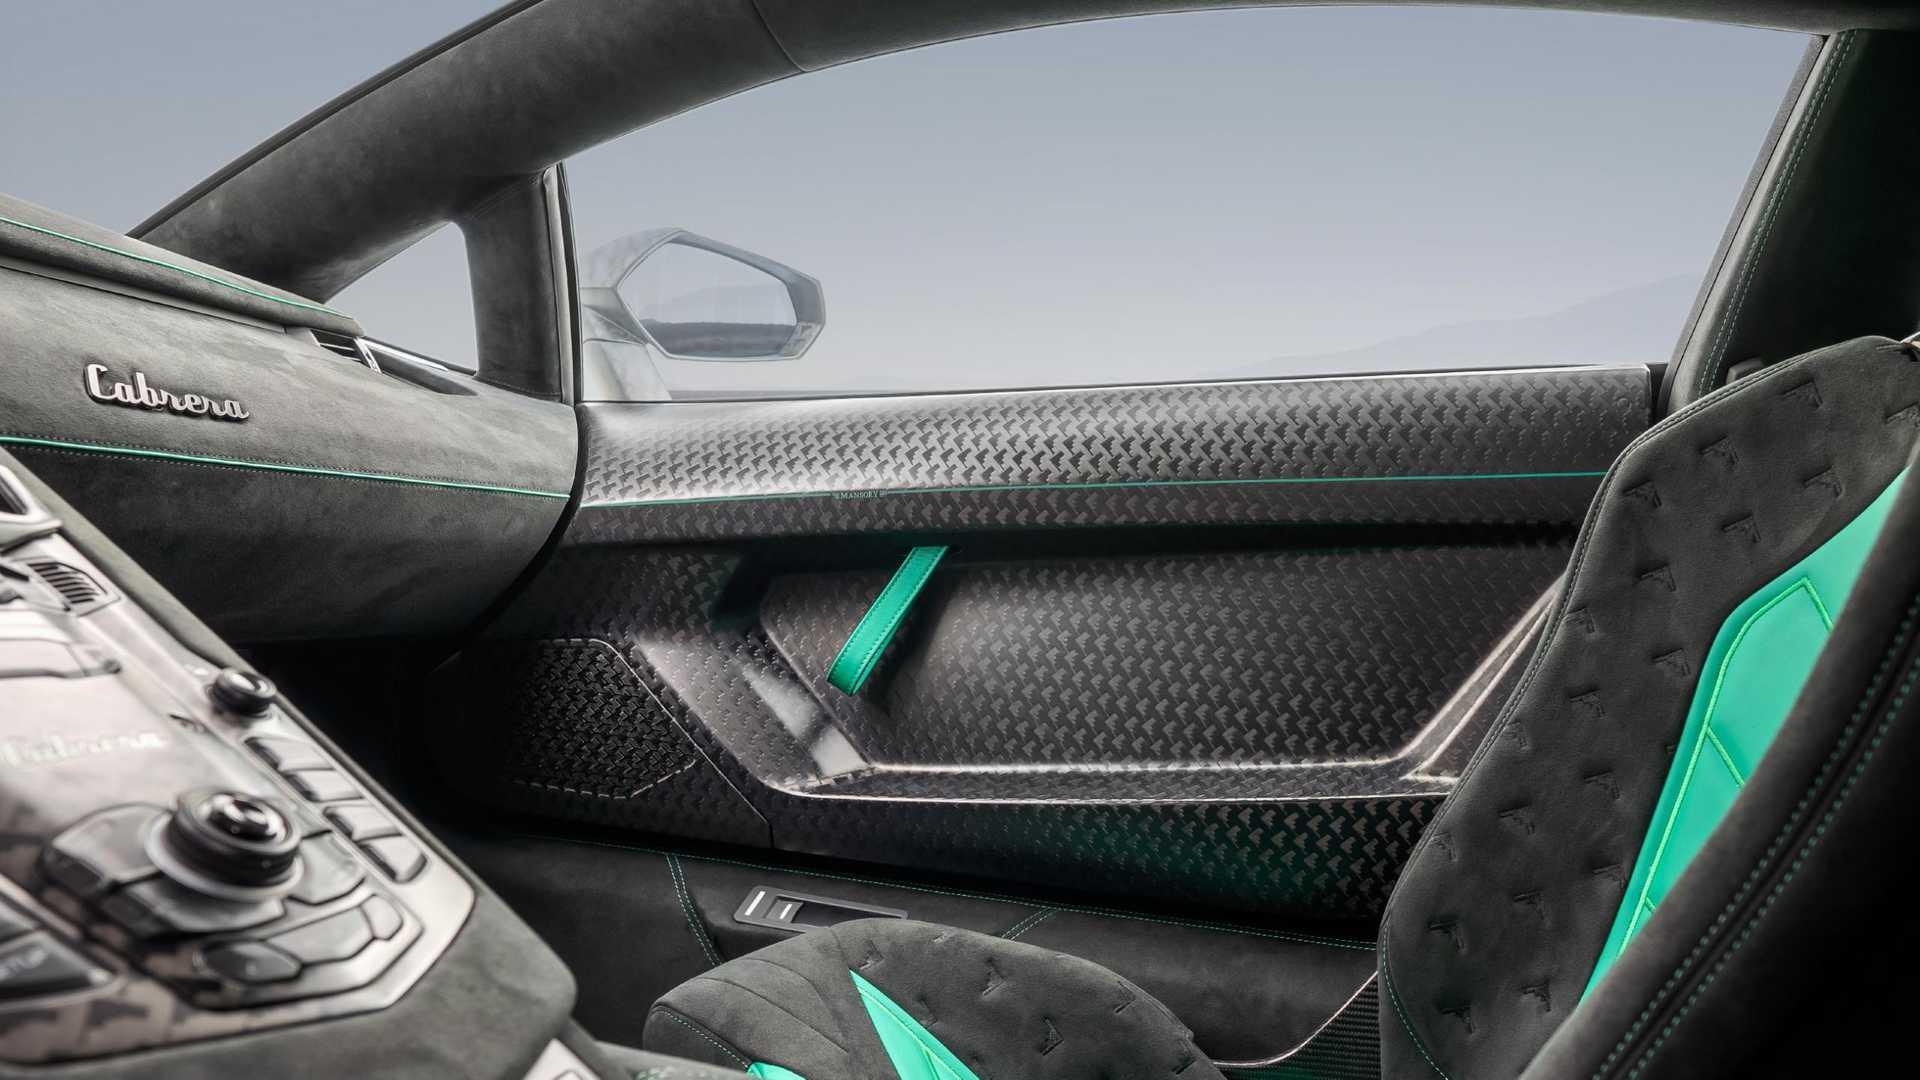 Mansory-Cabrera-Lamborghini-Aventador-SVJ-10